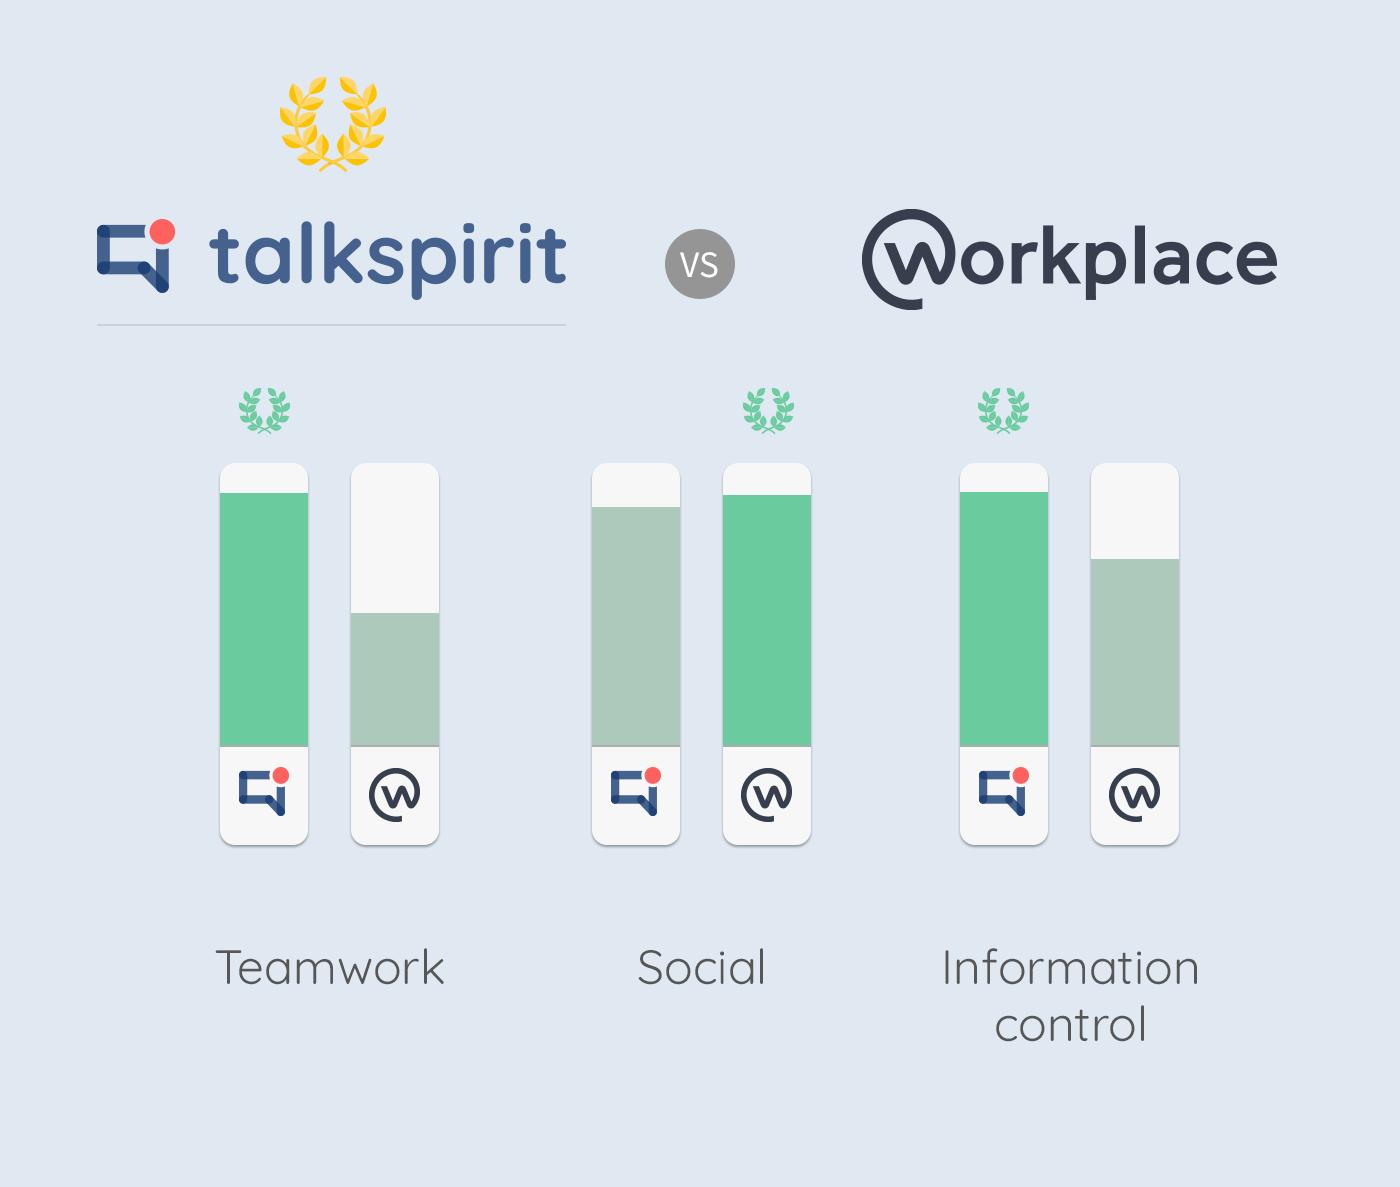 talkspirit vs workplace